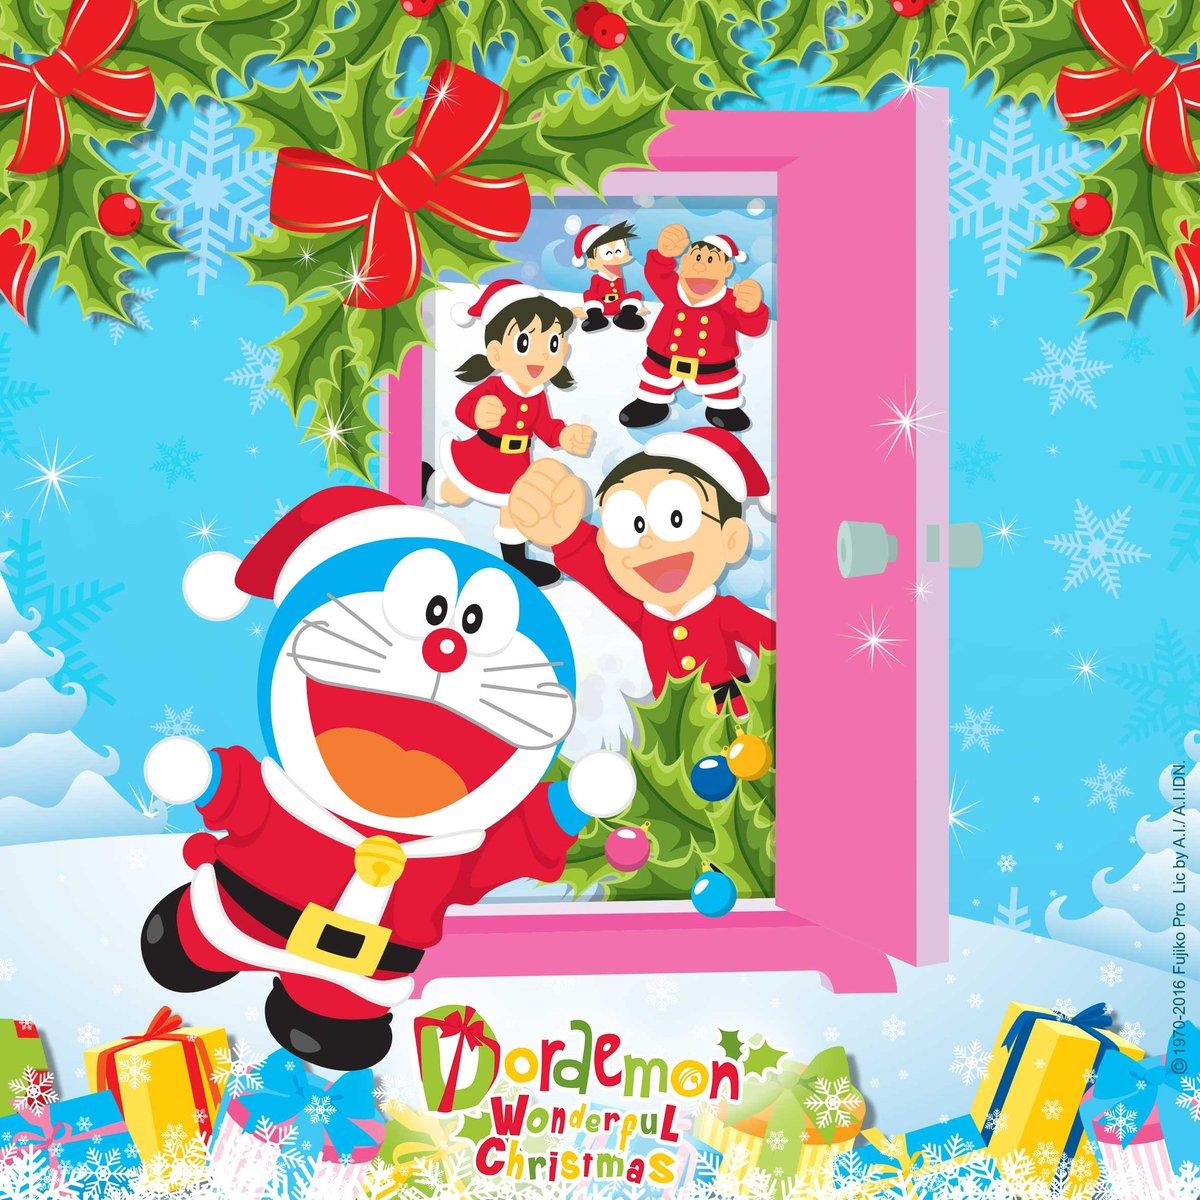 Terima kasih untuk kebersamaan kita selama liburan Natal & Tahun Baru!  Kita berjumpa lagi di acara berikutnya!  #DoraemonIndonesia https://t.co/ZNSq7ONE0b